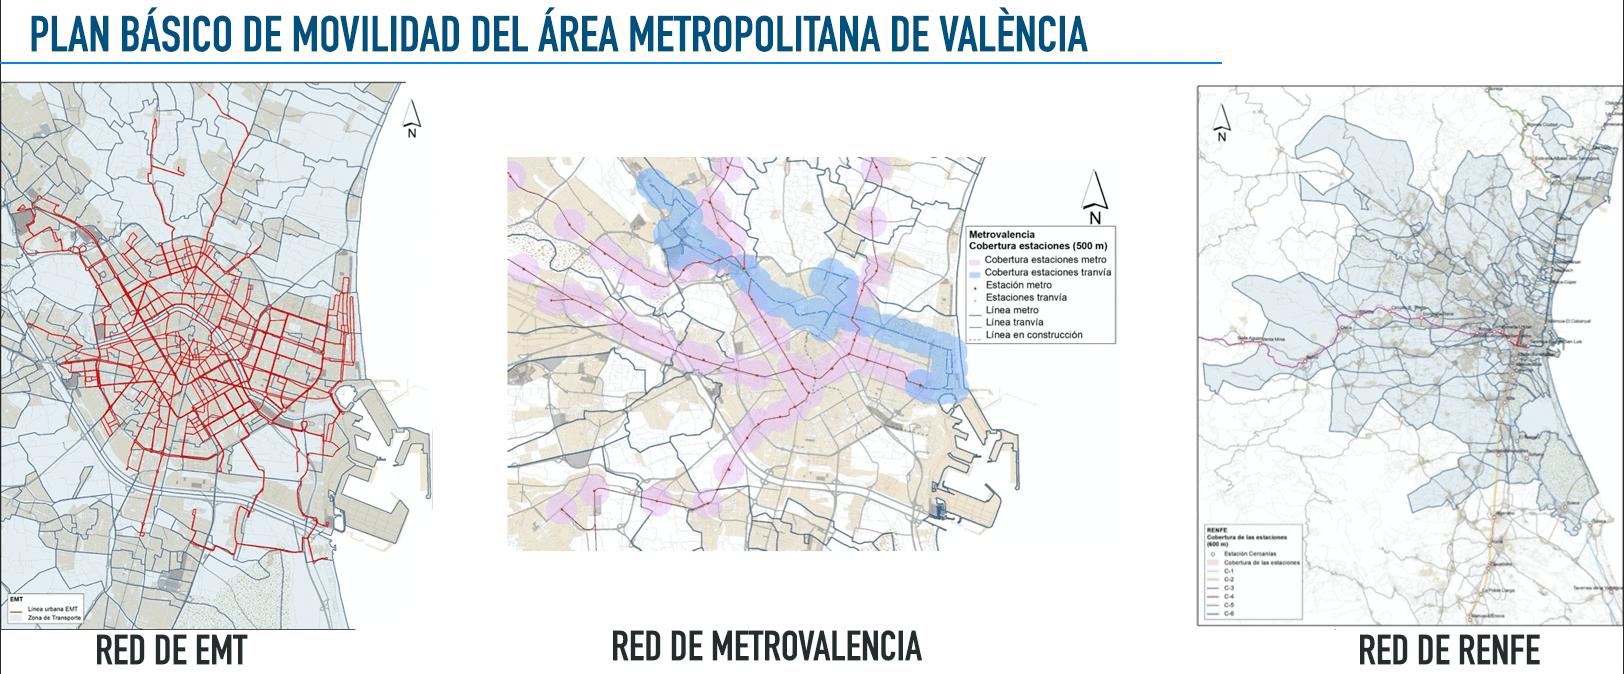 Plan Básico de Movilidad del Área Metropolitana de València